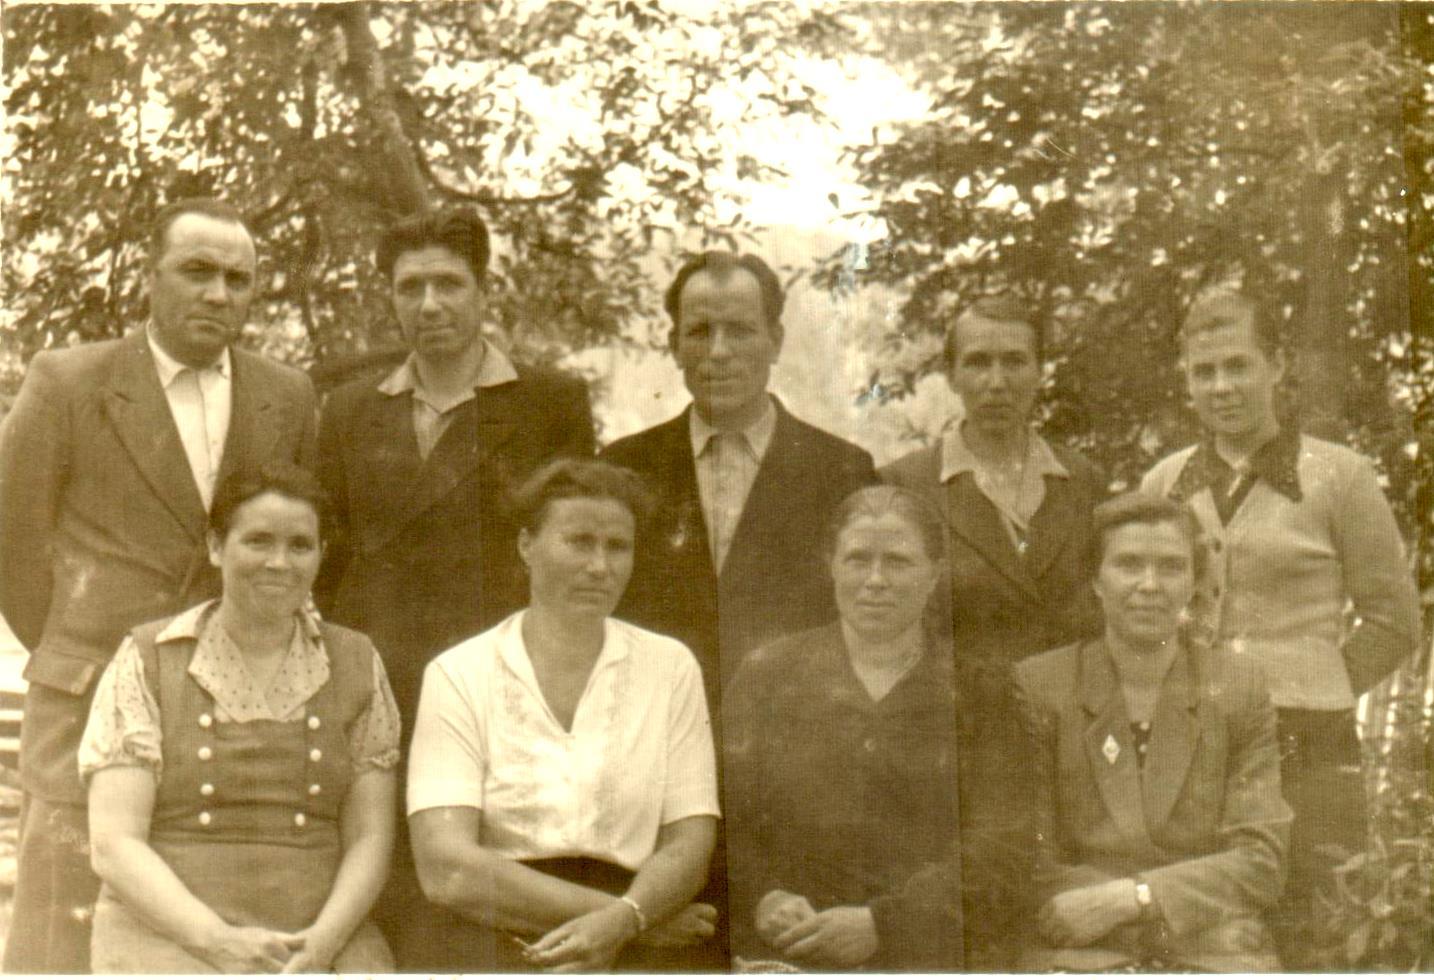 Коллектив учителей Камлакской восьмилетней школы. 1960-е годы.